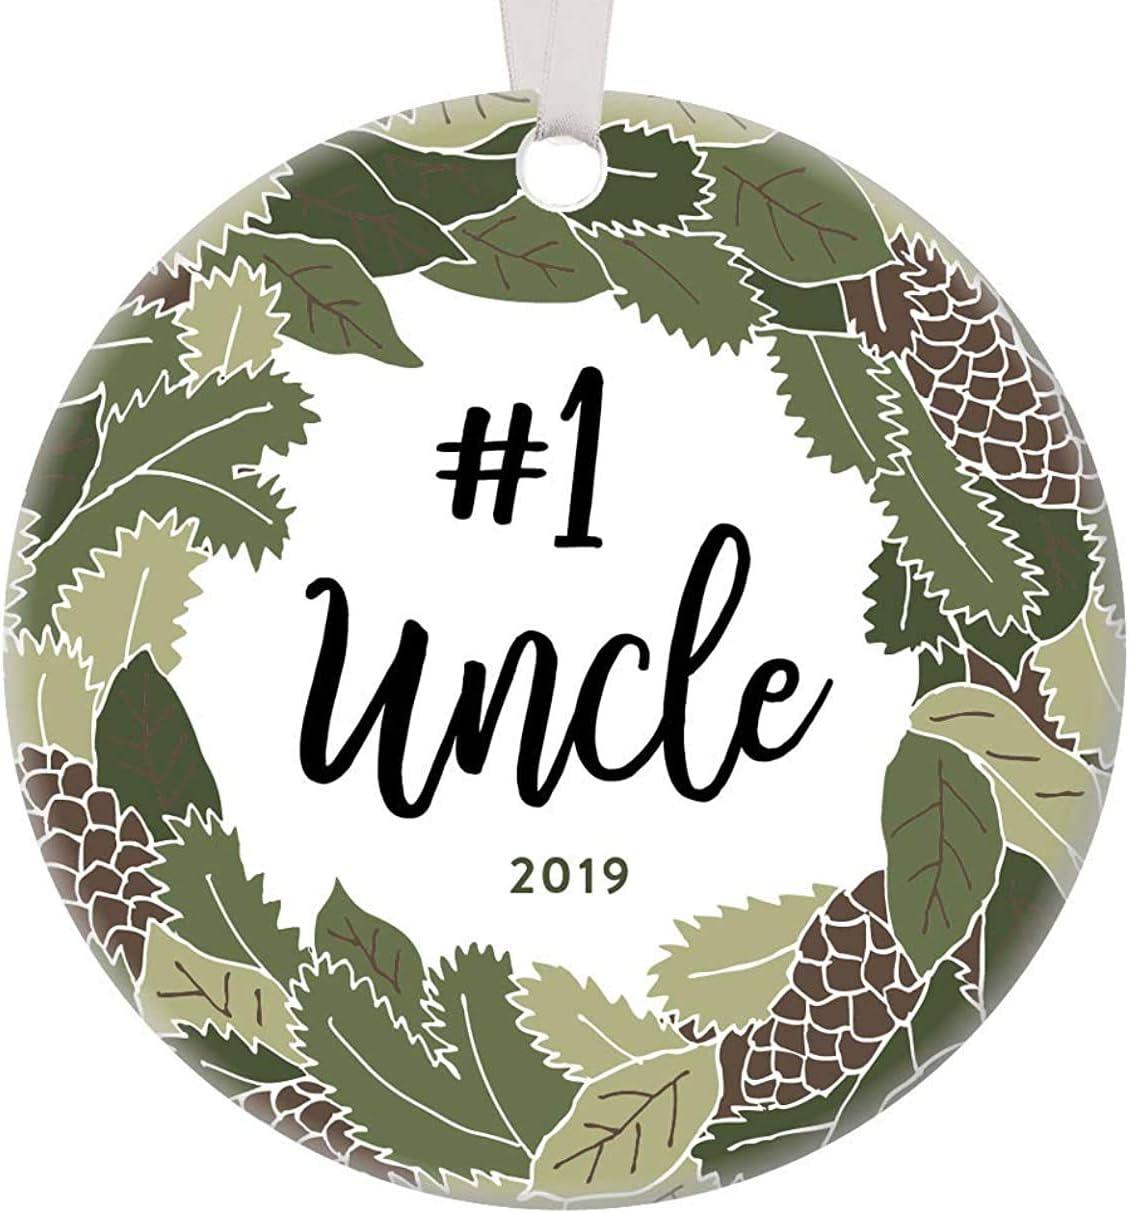 Adorno navideño de 3 pulgadas, favorito número 1 tío, adorno de navidad para hermano en la ley, regalo de embarazo, anuncio de nuevo sobrino, bautizo, padrino, recuerdo rústico, árbol de Navidad